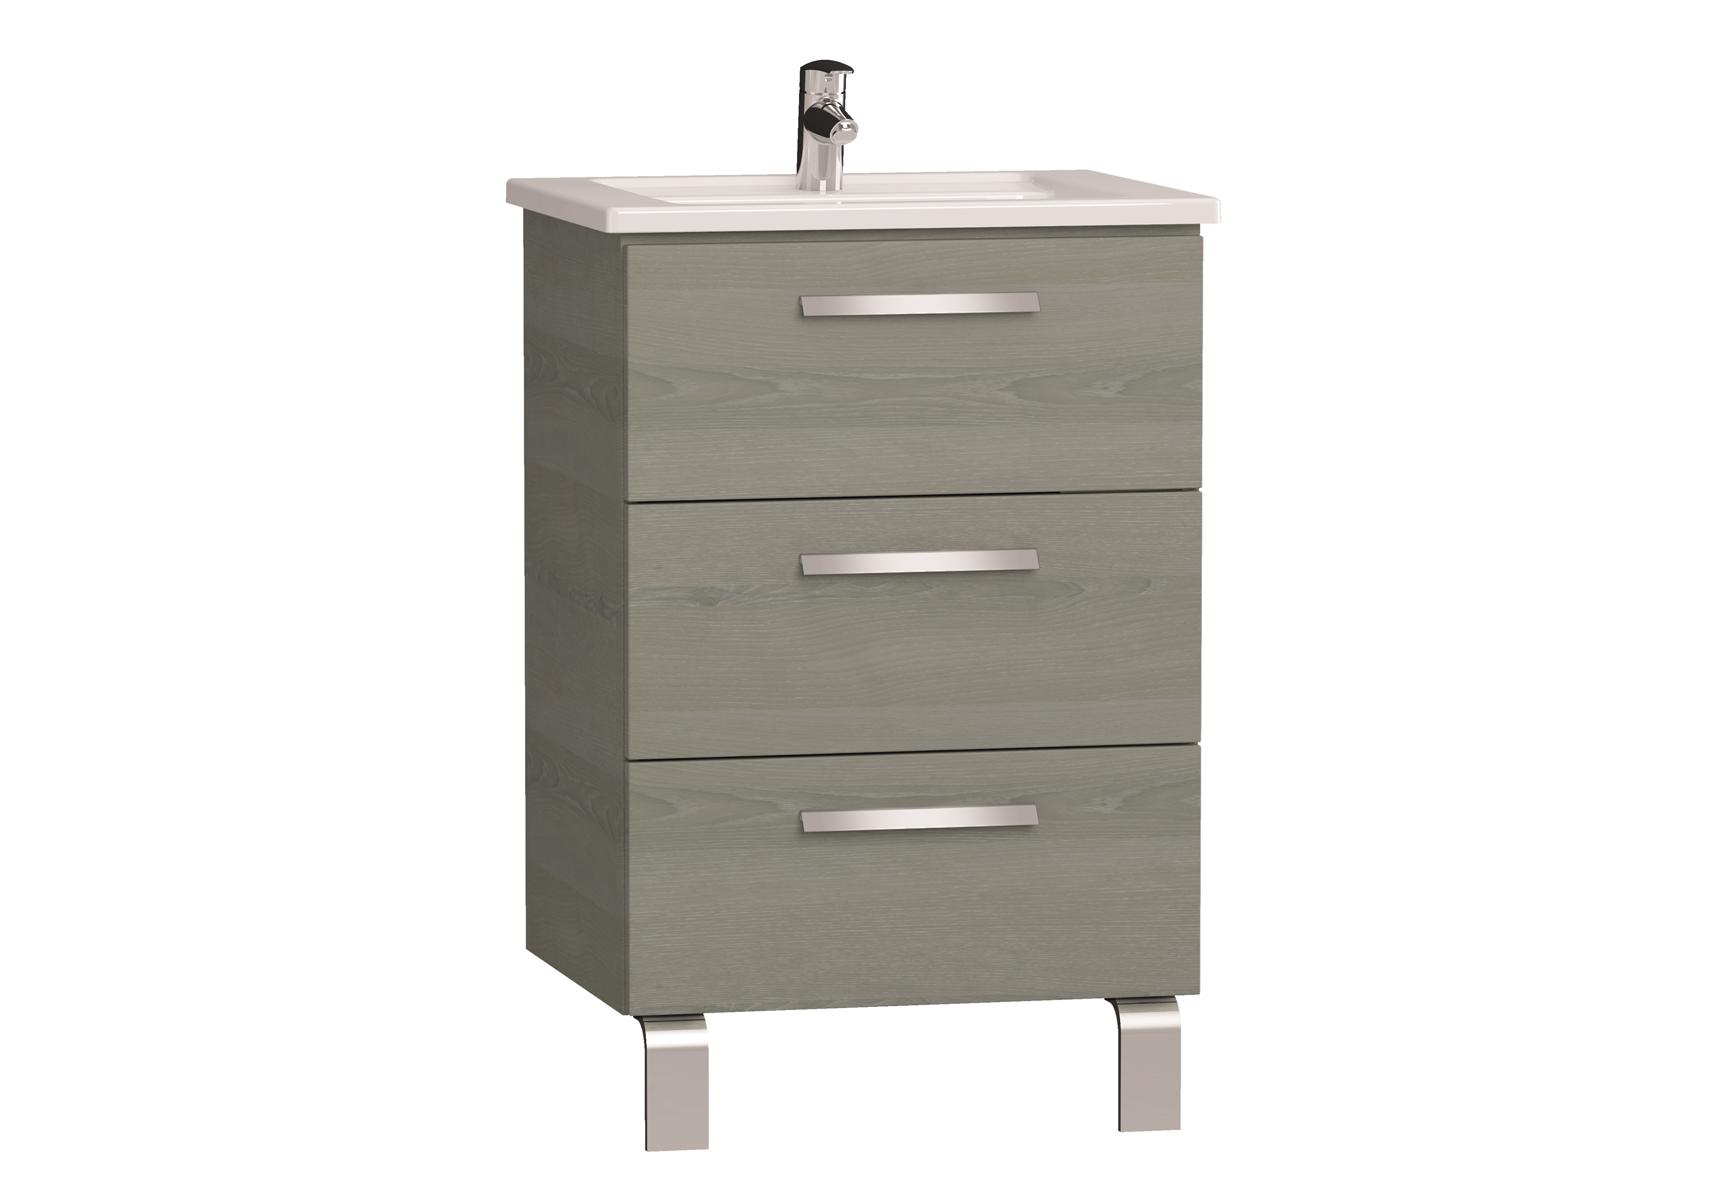 Integra meuble avec plan céramique avec trois tiroirs, 60 cm, chêne gris naturel